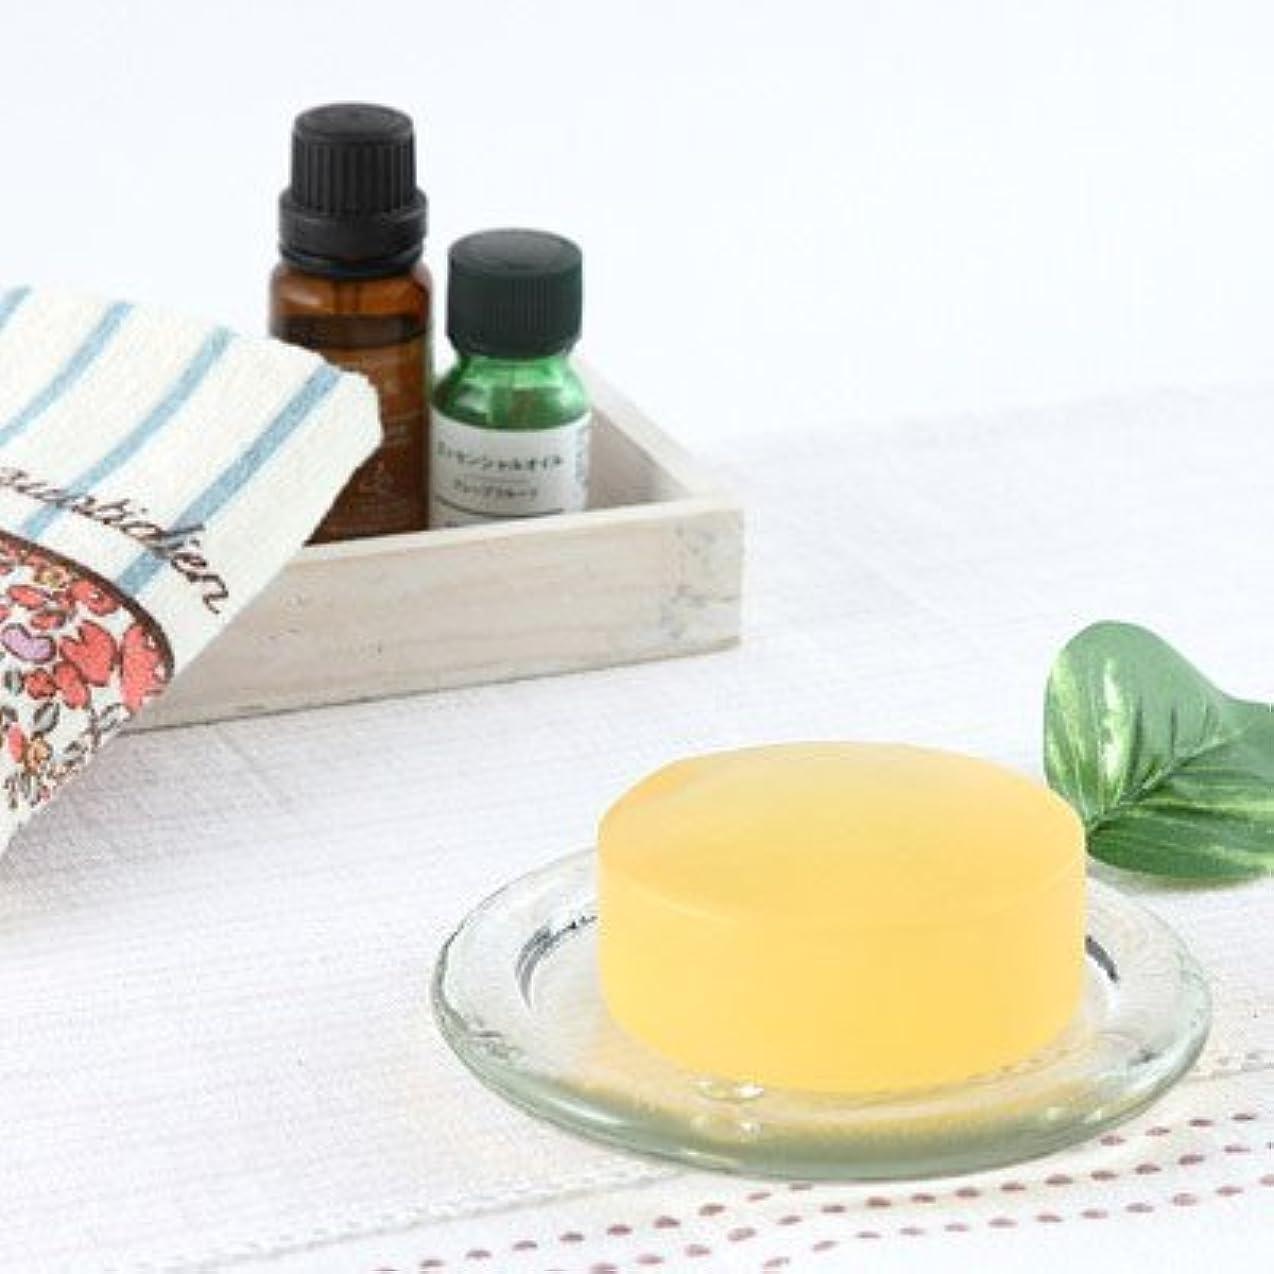 国産新鮮馬油を使用 超低刺激だから安心して使える洗顔ソープ ピュアティ馬油ソープ